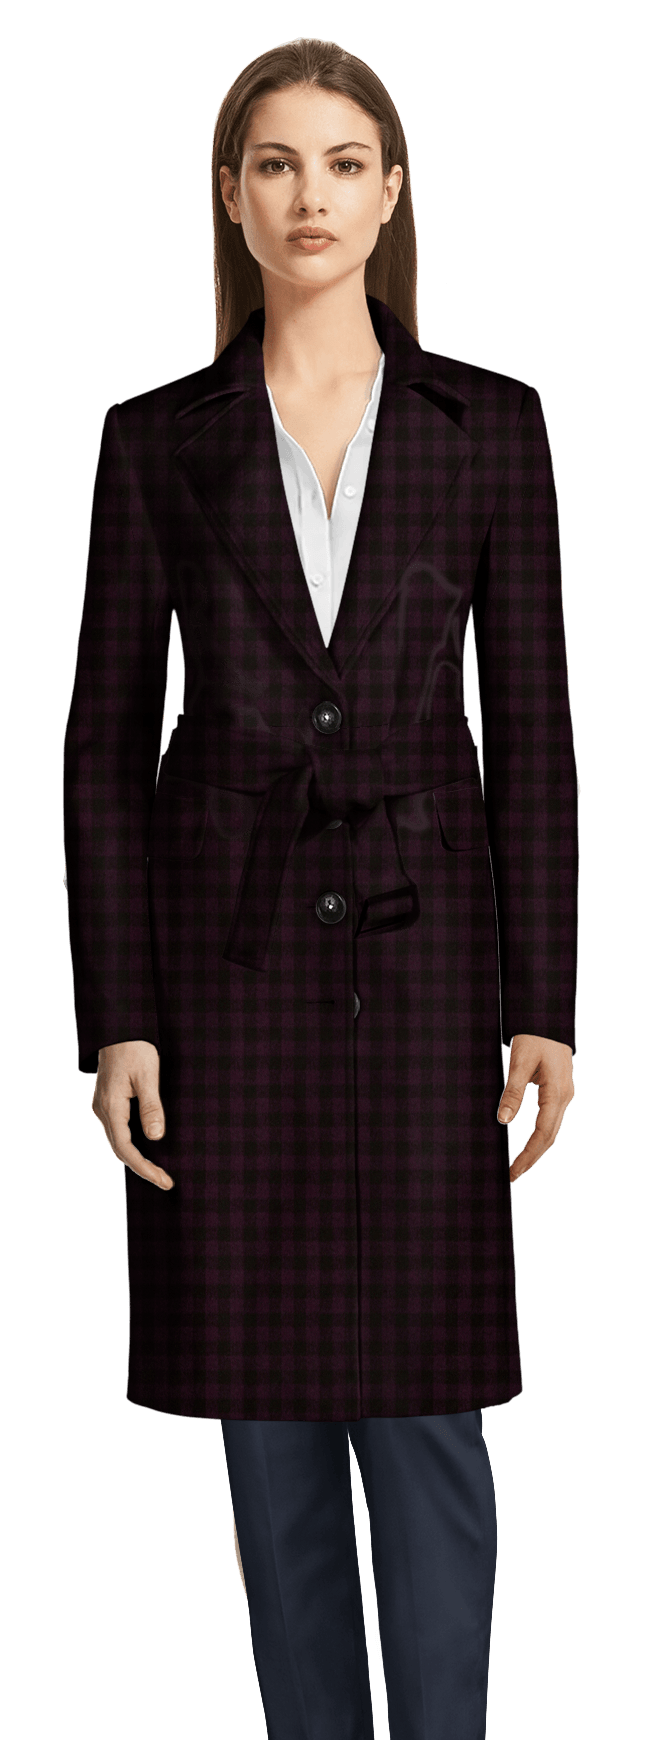 new styles e8b56 3ff52 Cappotto a quadri Lungo con cintura